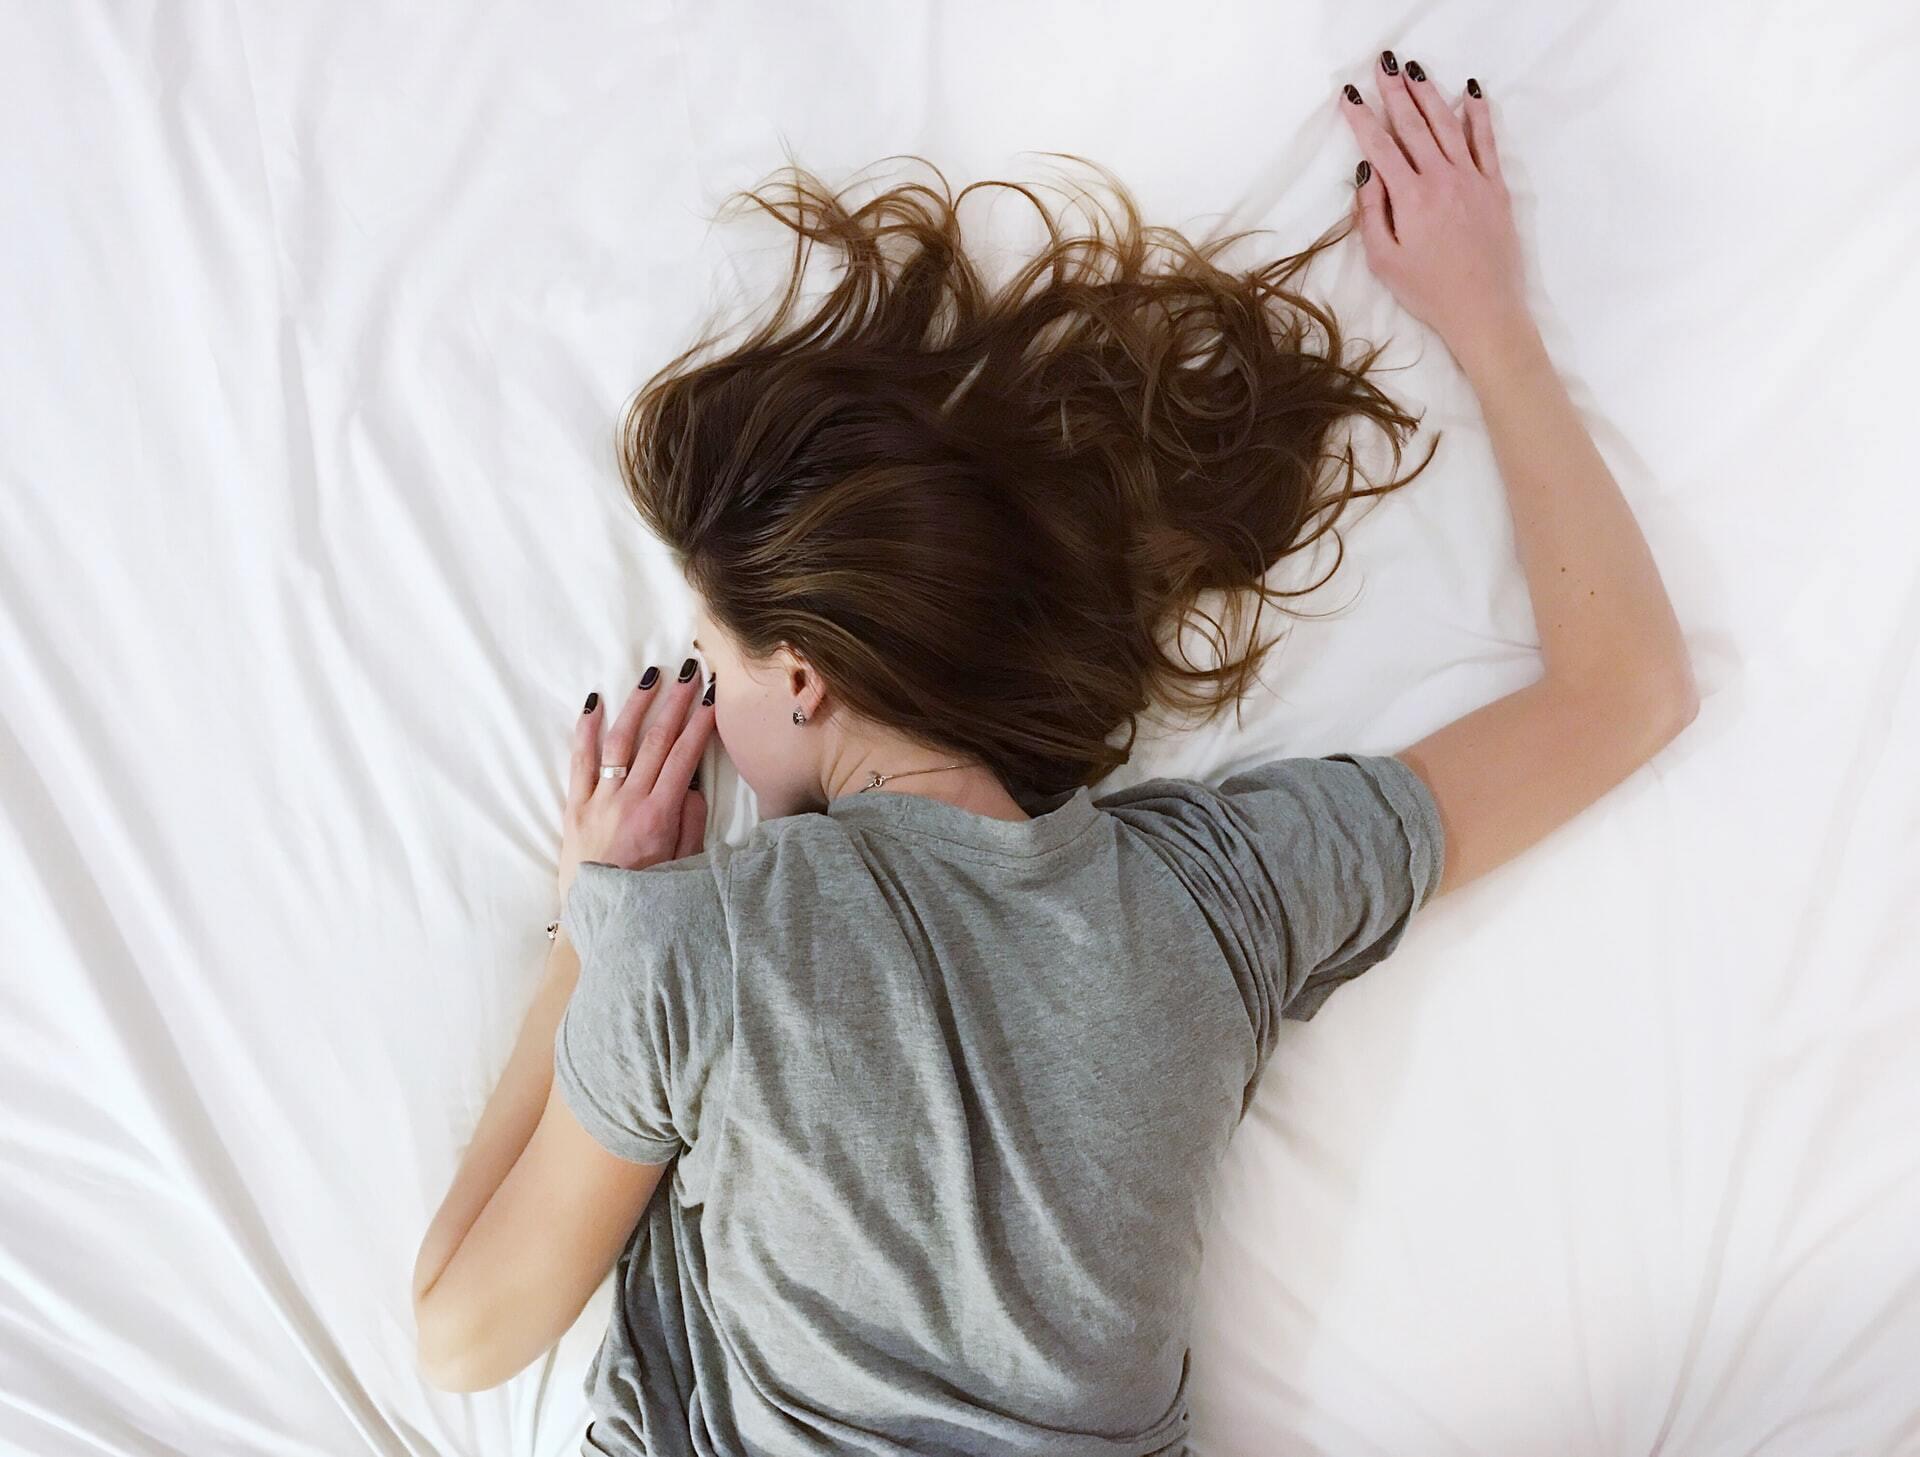 Хронічне недосипання може провокувати набір ваги